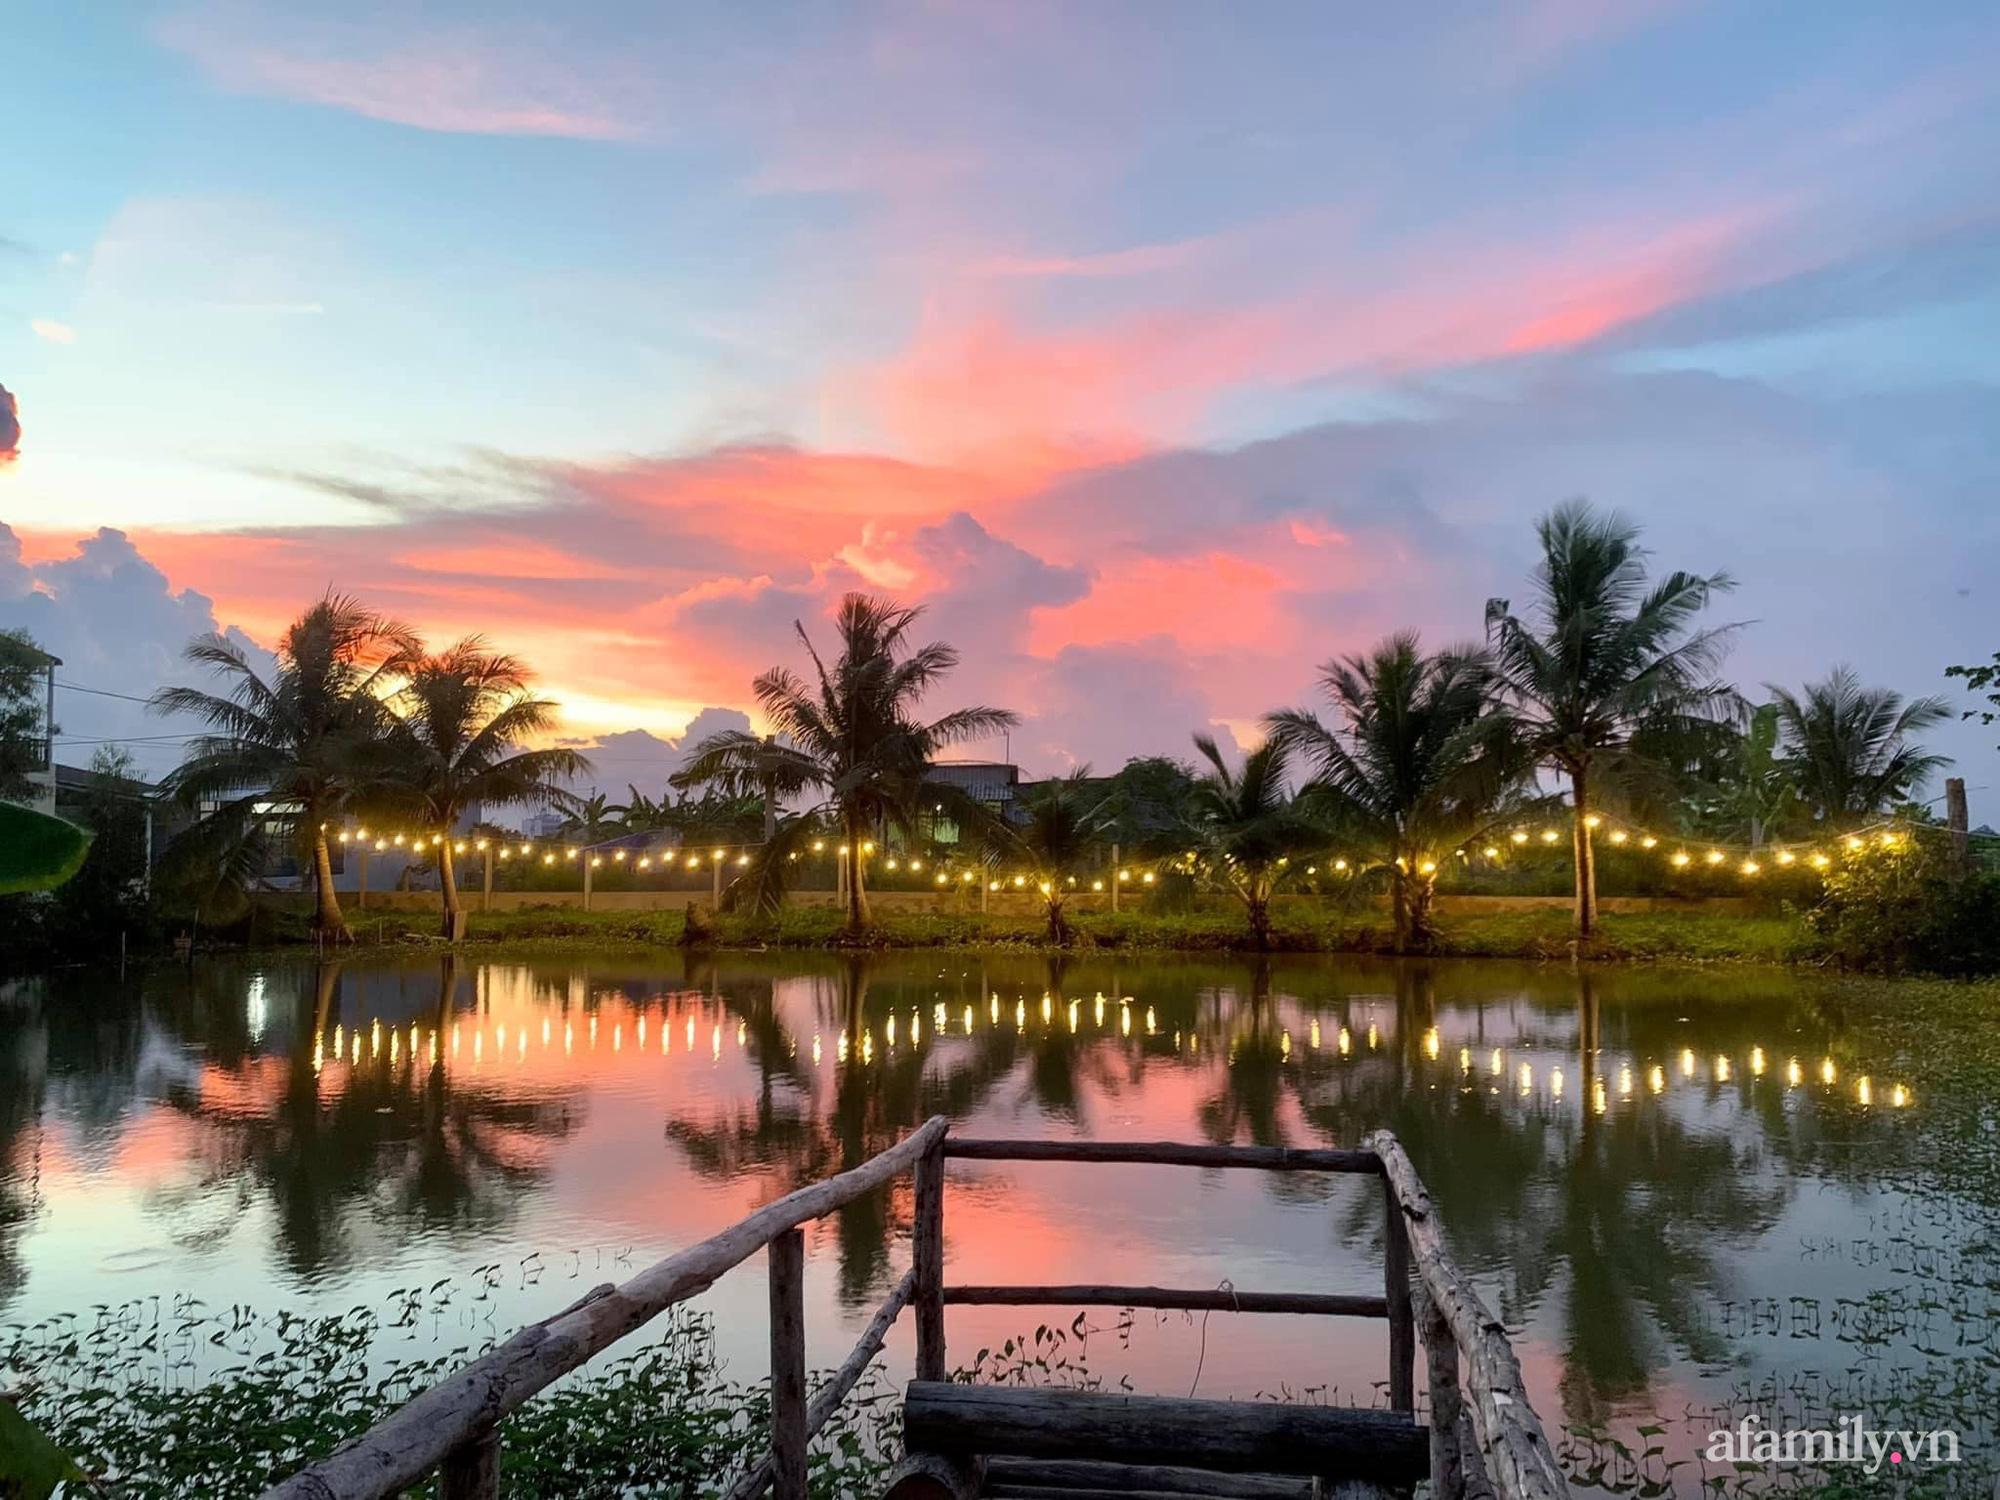 Sống an yên giữa dịch COVID nhờ ao cá vườn cây xanh mát tốt tươi ở Bạc Liêu - Ảnh 2.